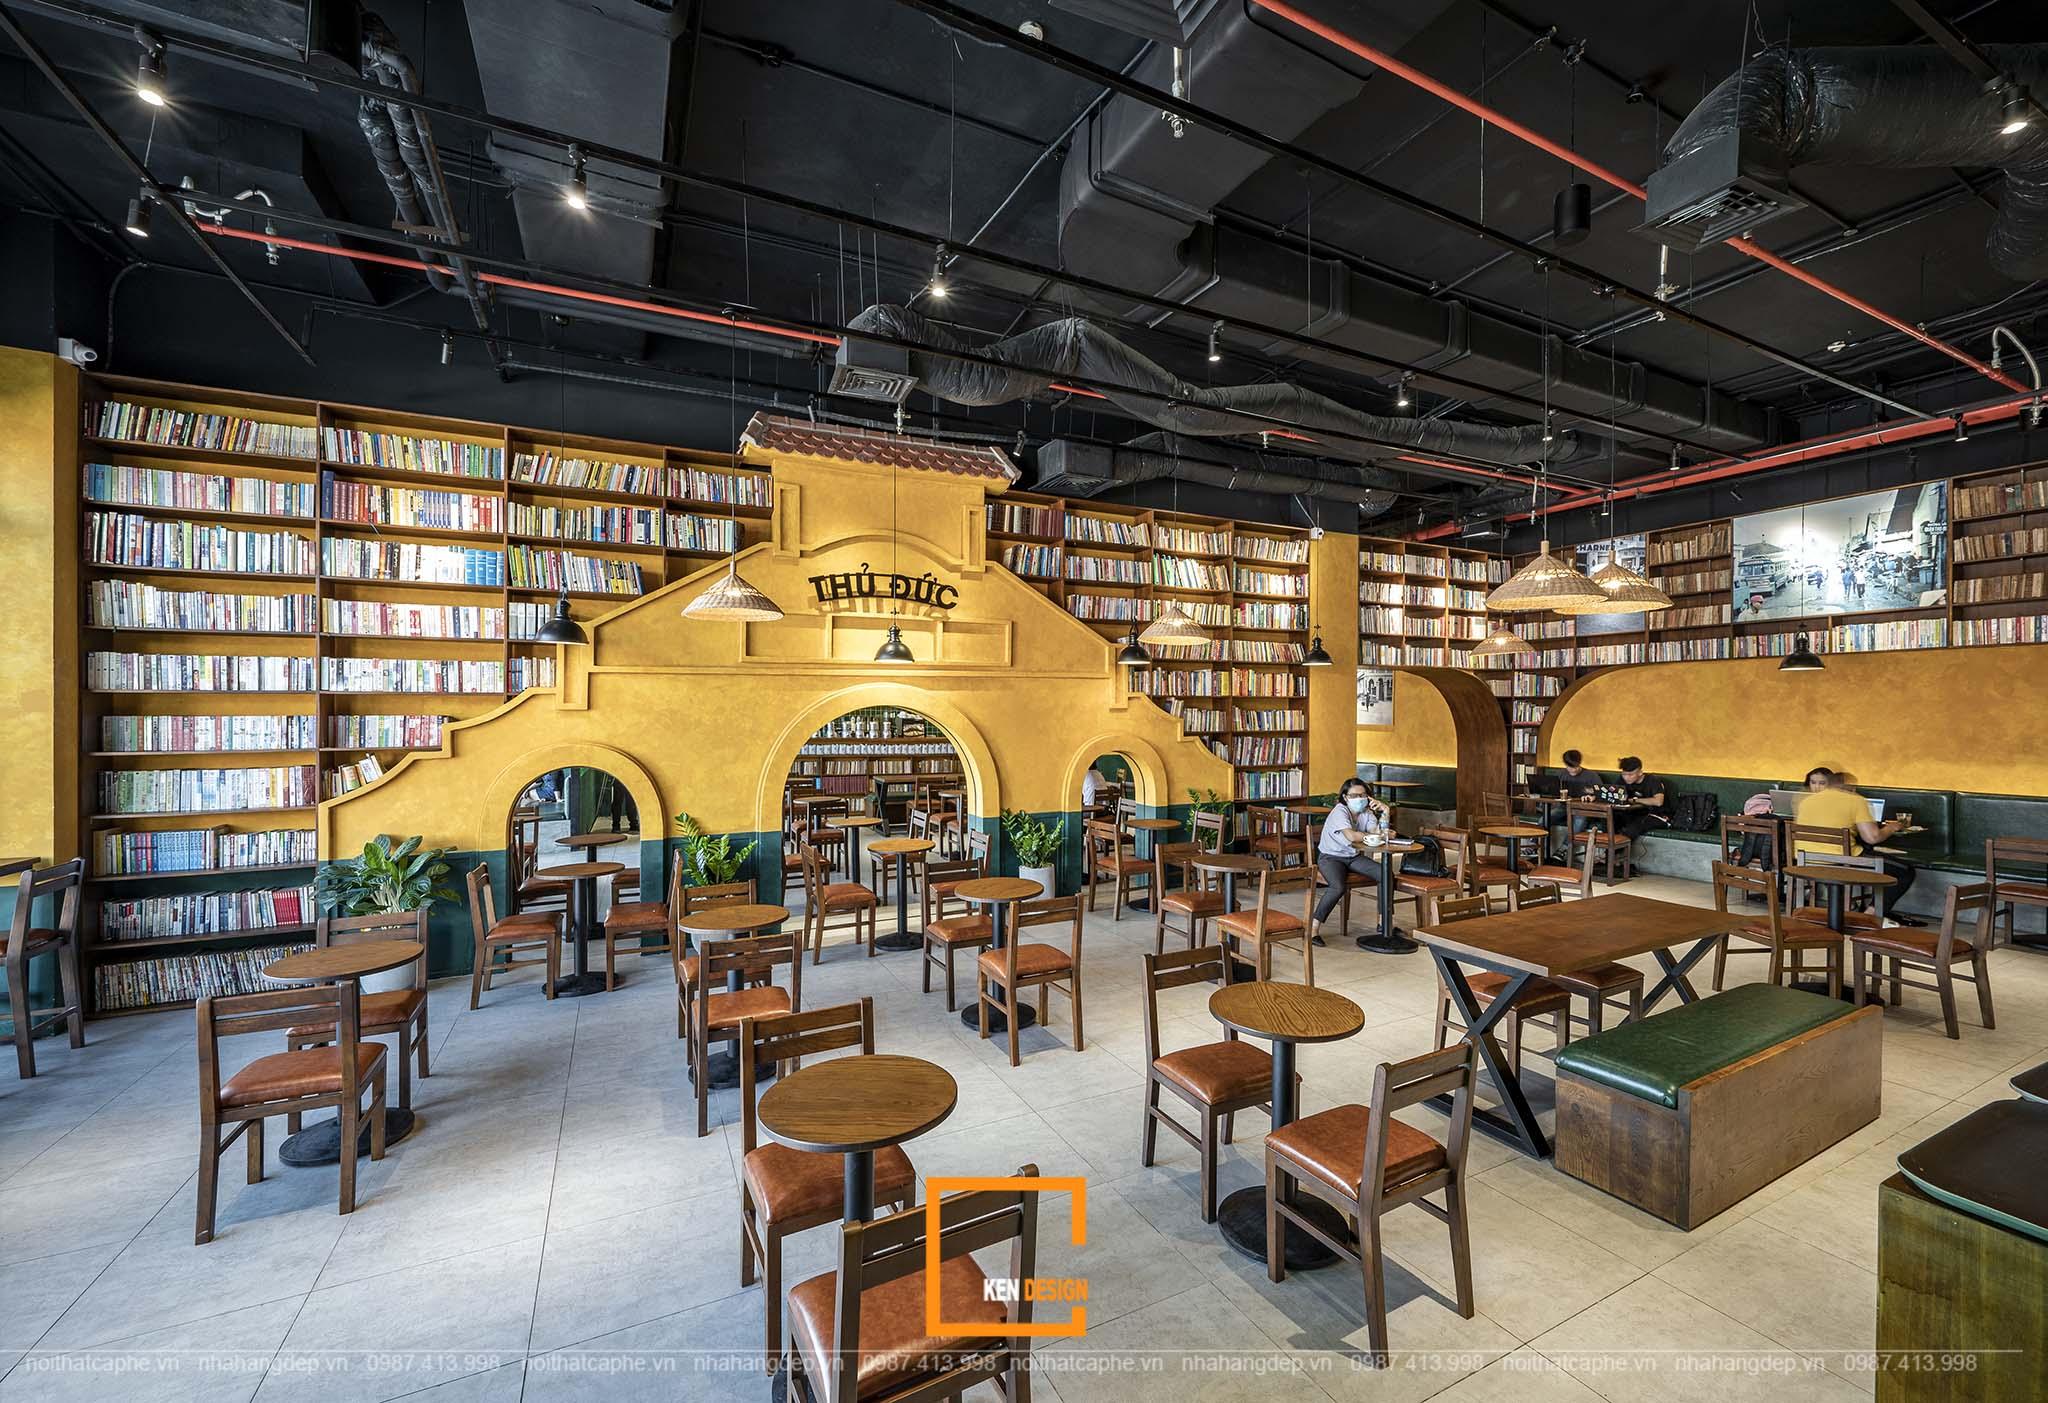 Thiết kế quán cà phê phong cách indochine - sức hút của vẻ đẹp Việt –Pháp